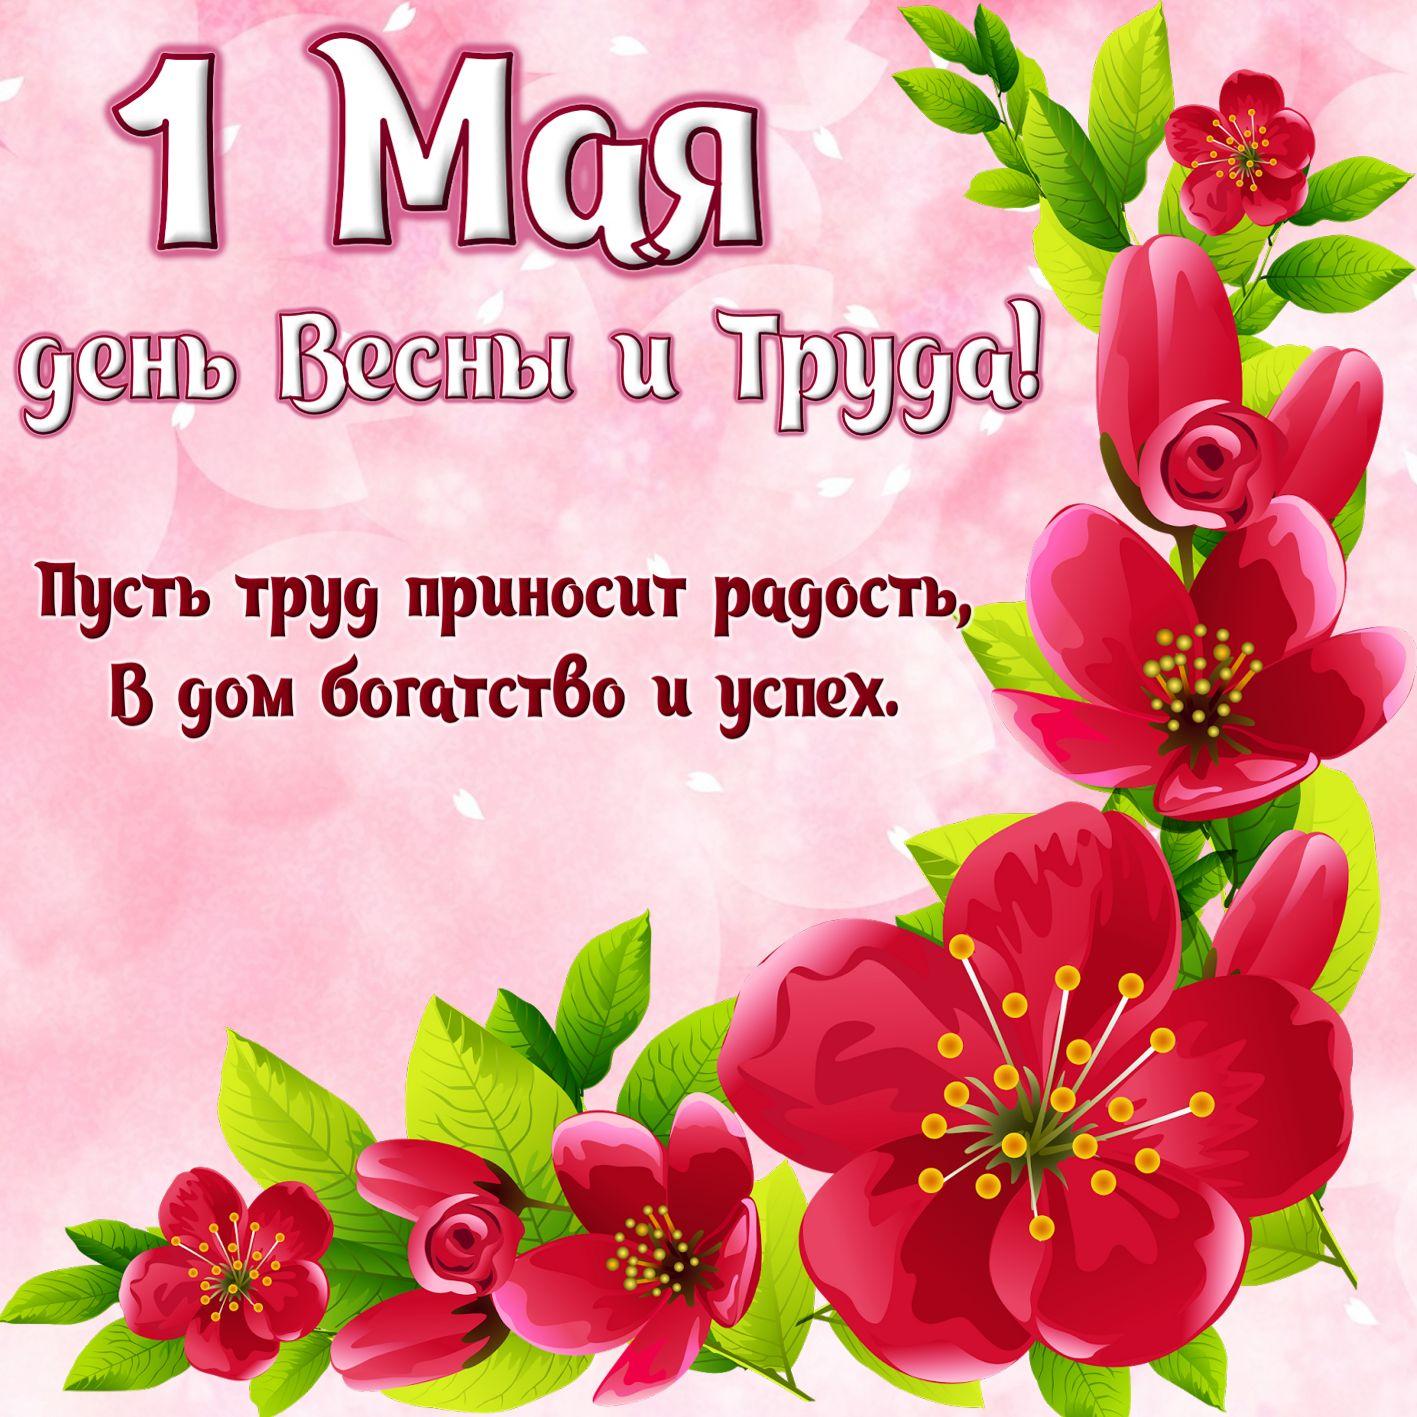 Открытки на 1 мая день весны и труда, днем рождения дочке